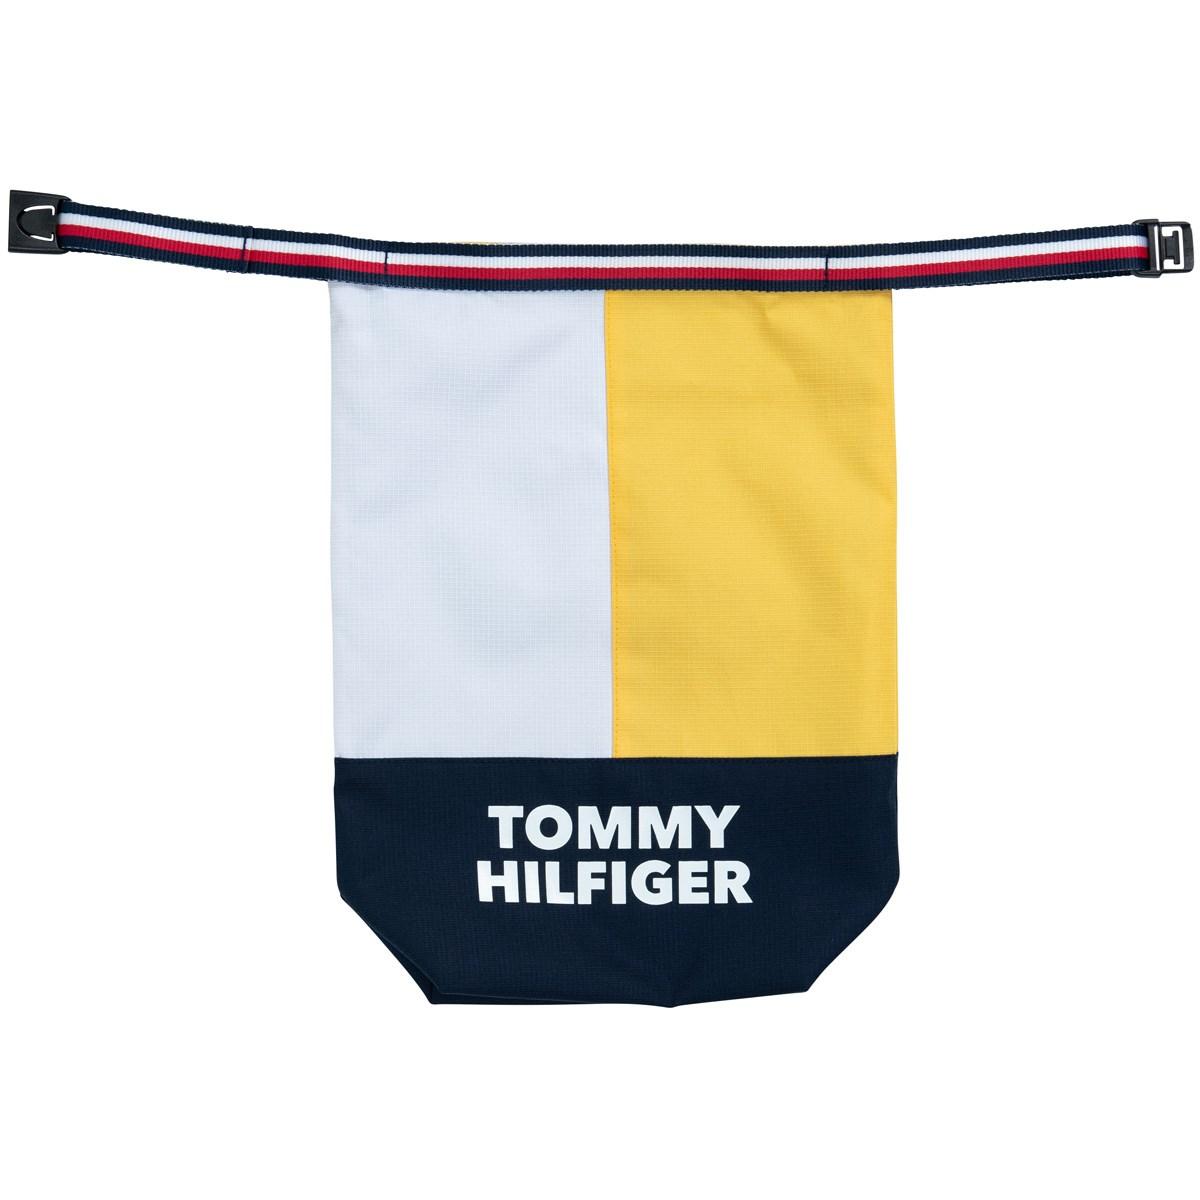 トミー ヒルフィガー ゴルフ TOMMY HILFIGER GOLF SPLIT シューズケース イエロー 70